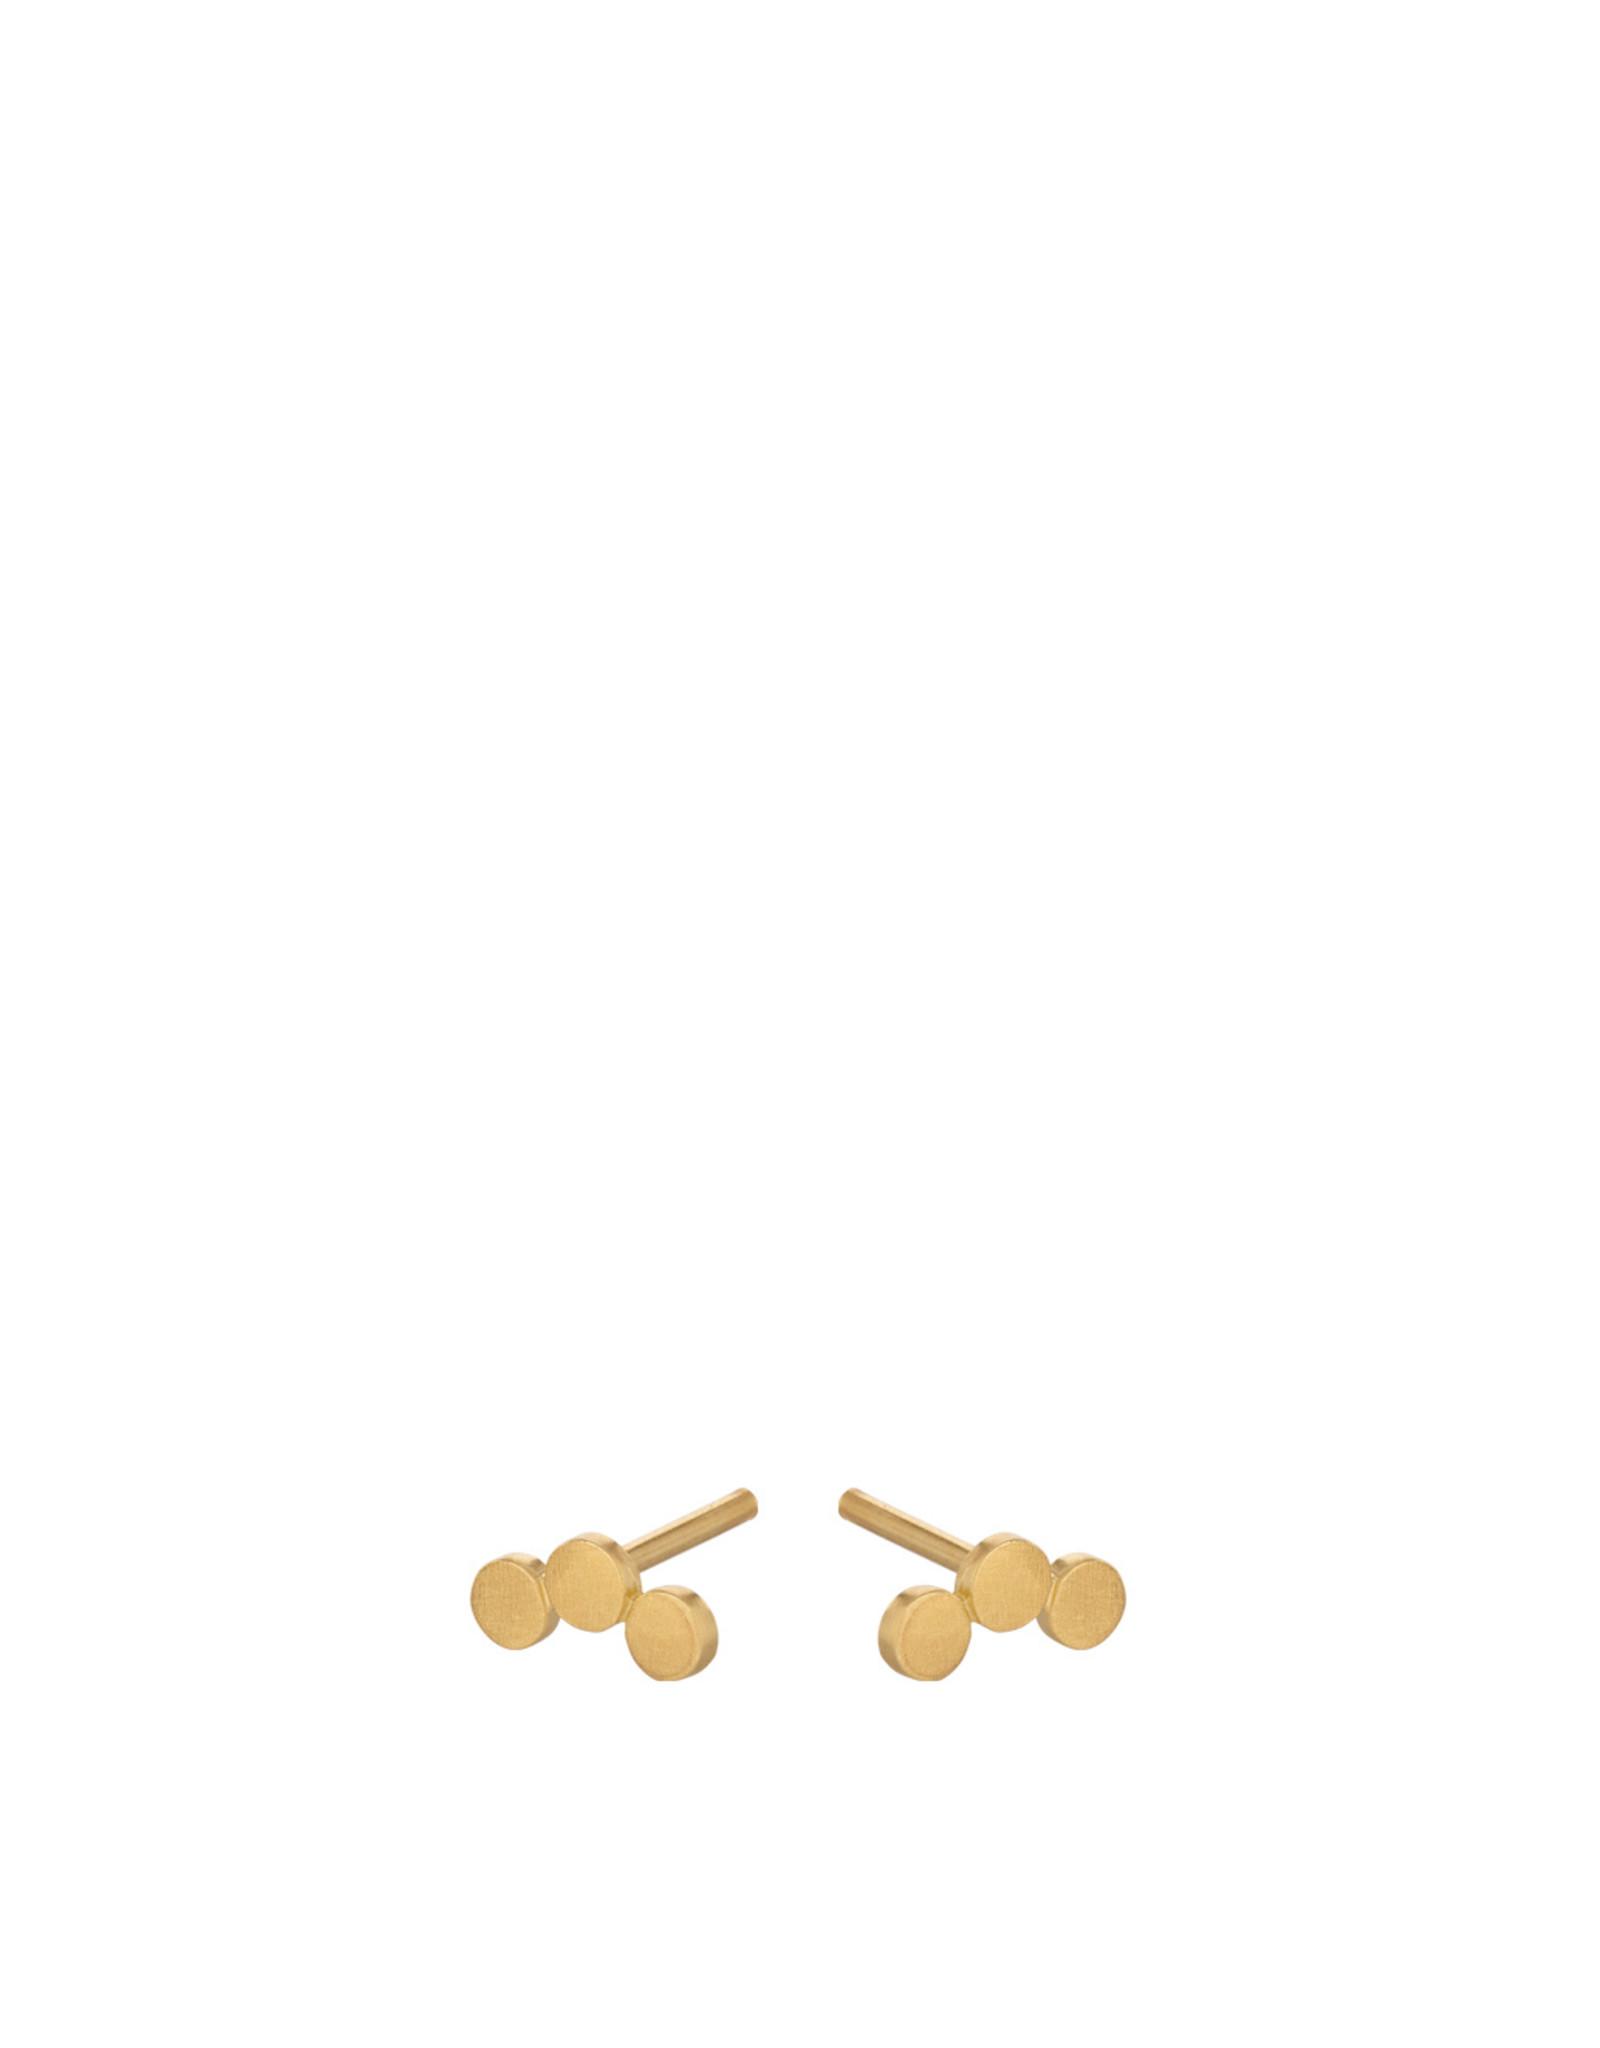 Pernille Corydon Berlin Earsticks 5 mm